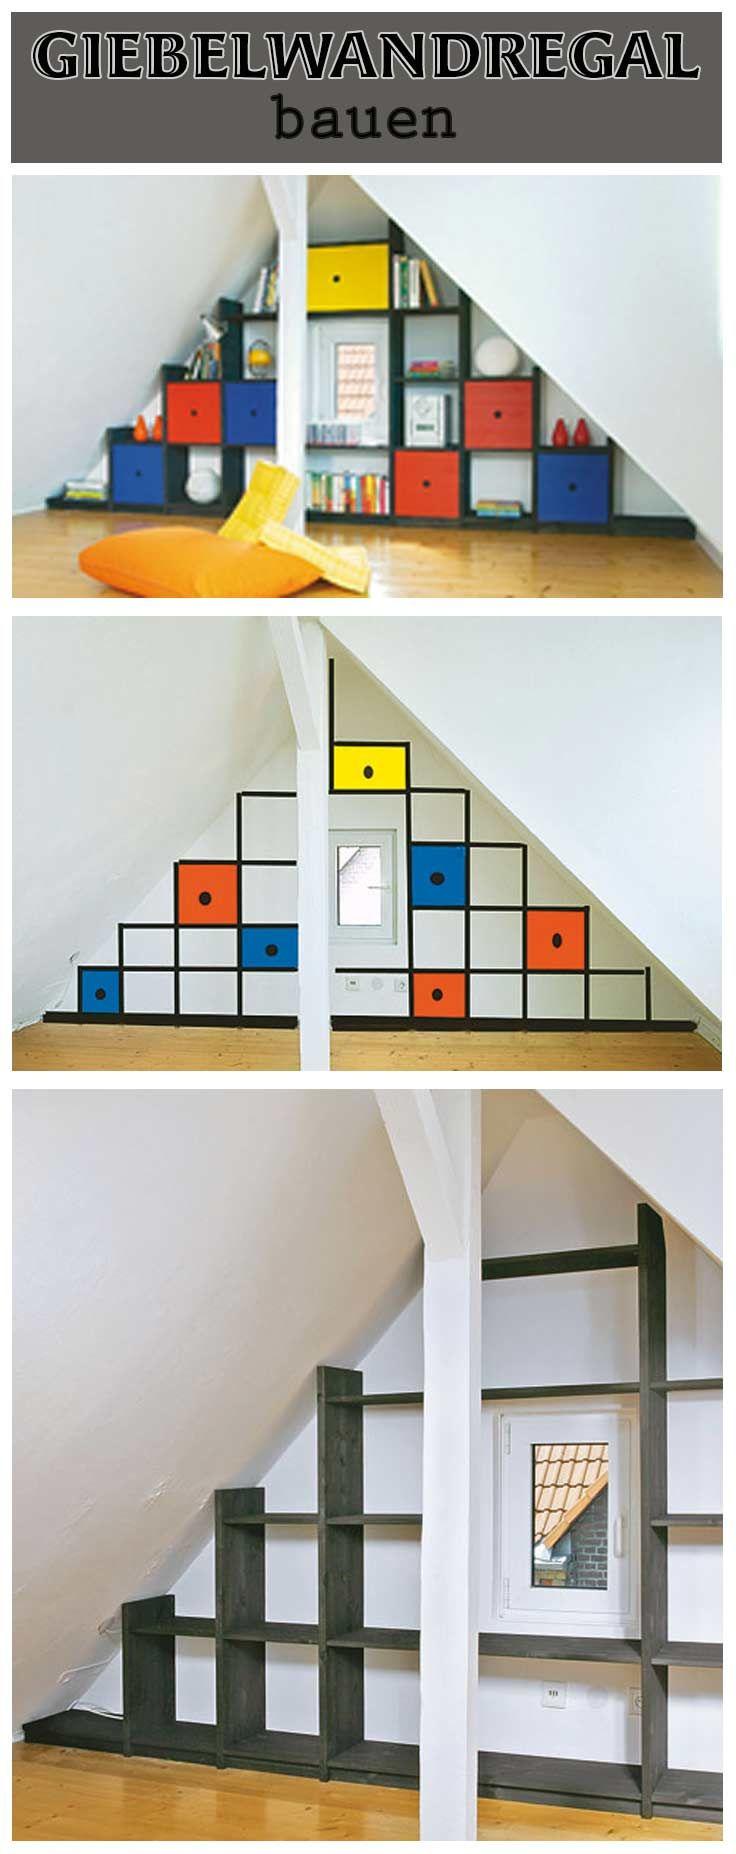 57 besten regale schr nke bilder auf pinterest selbst bauen b cherschr nke und holzarbeiten. Black Bedroom Furniture Sets. Home Design Ideas